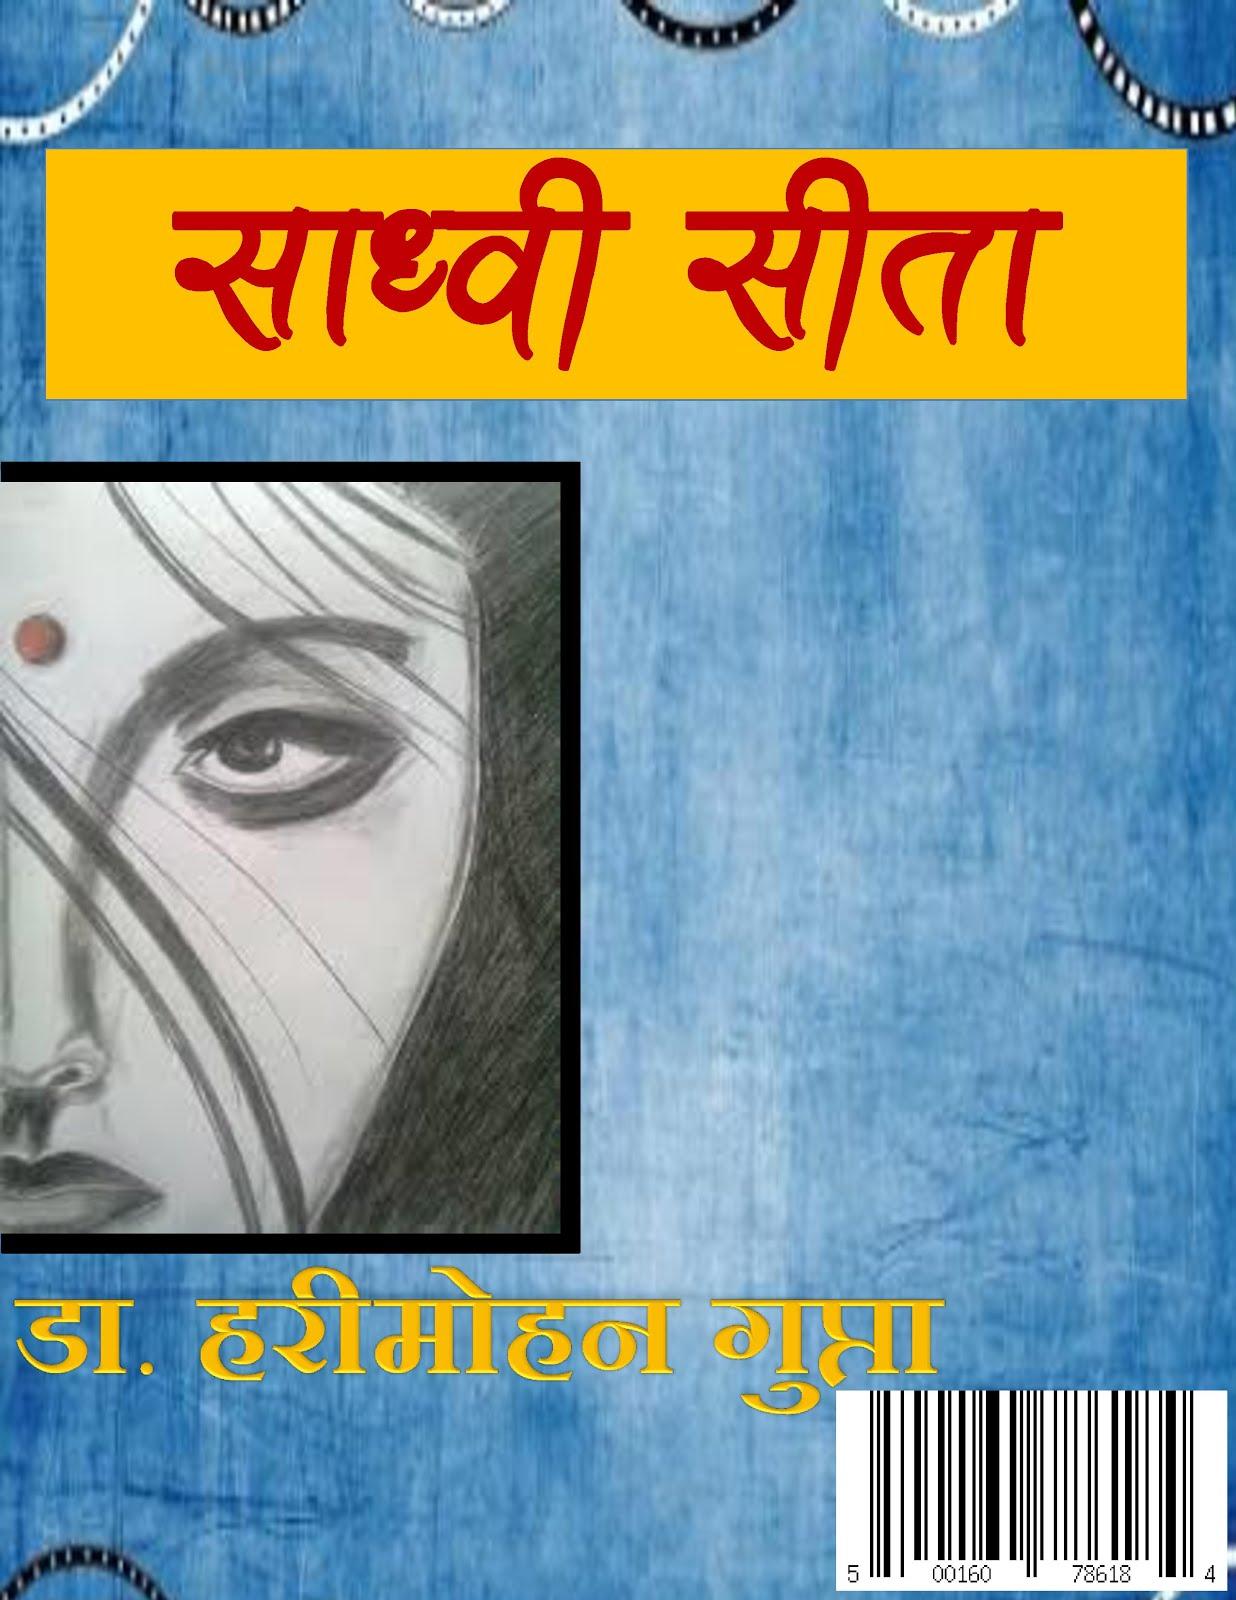 साध्वी सीता